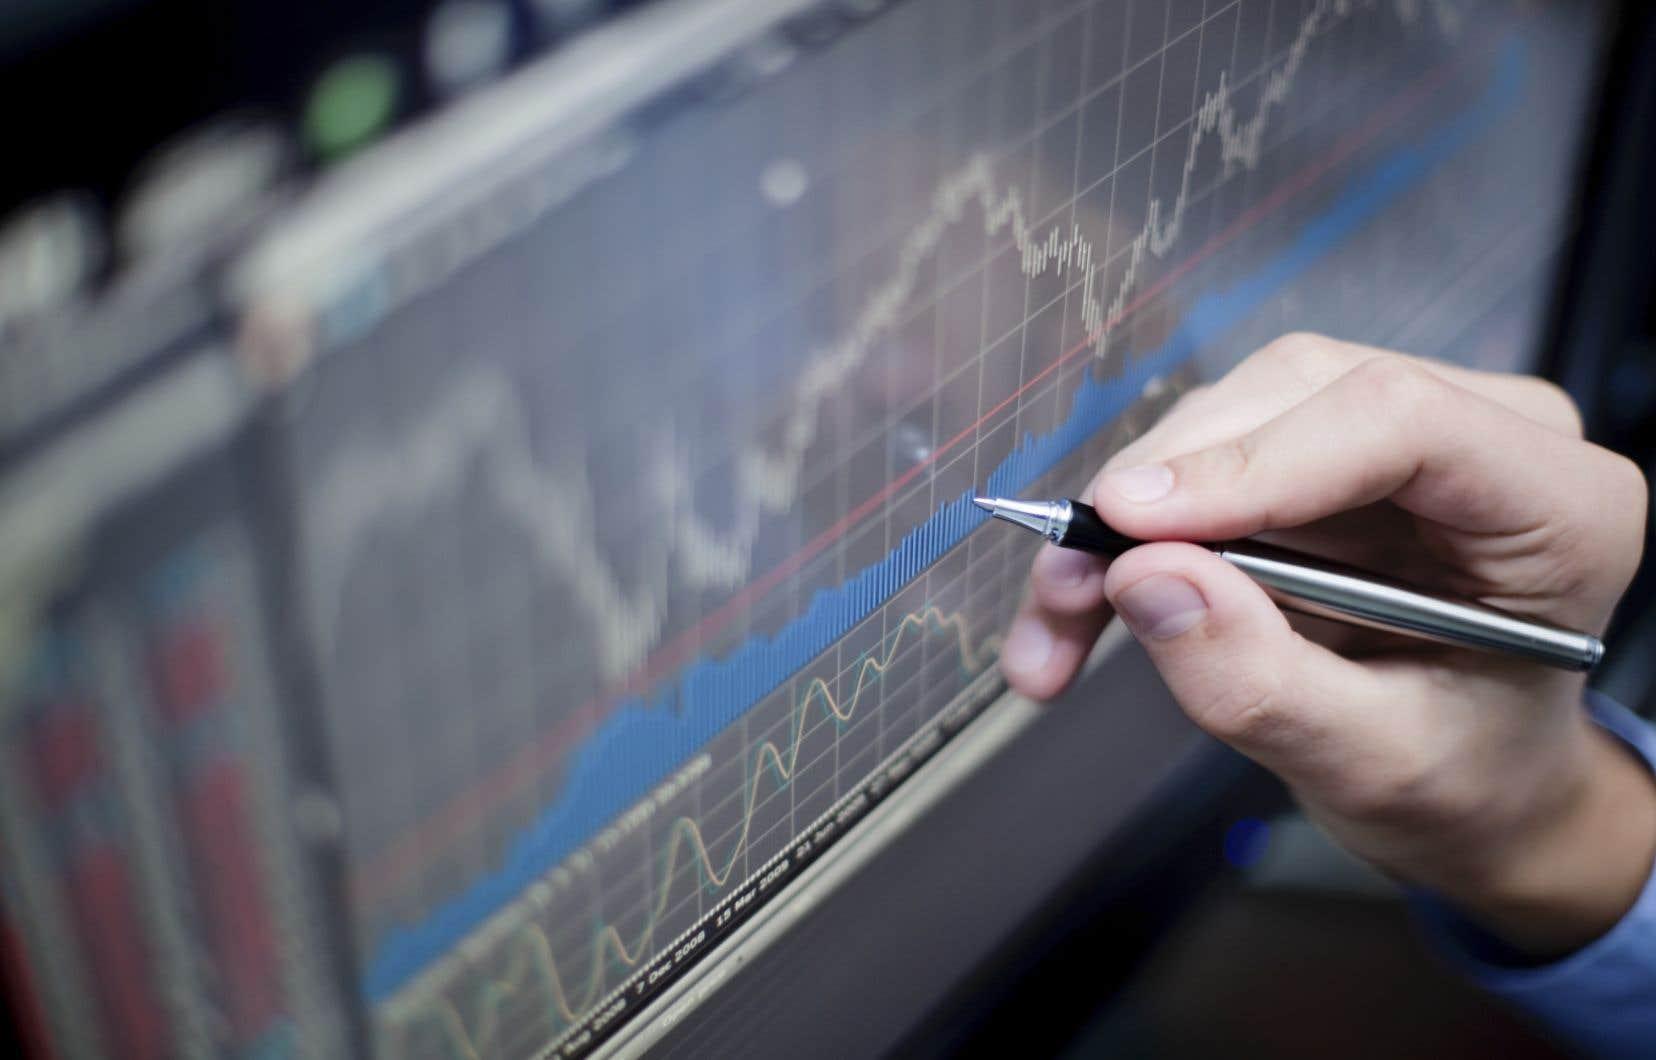 À la fin du troisième trimestre, la solvabilité des régimes de retraite à prestations déterminées avait atteint son plus haut niveau depuis novembre 2000 selon l'indice Mercer.